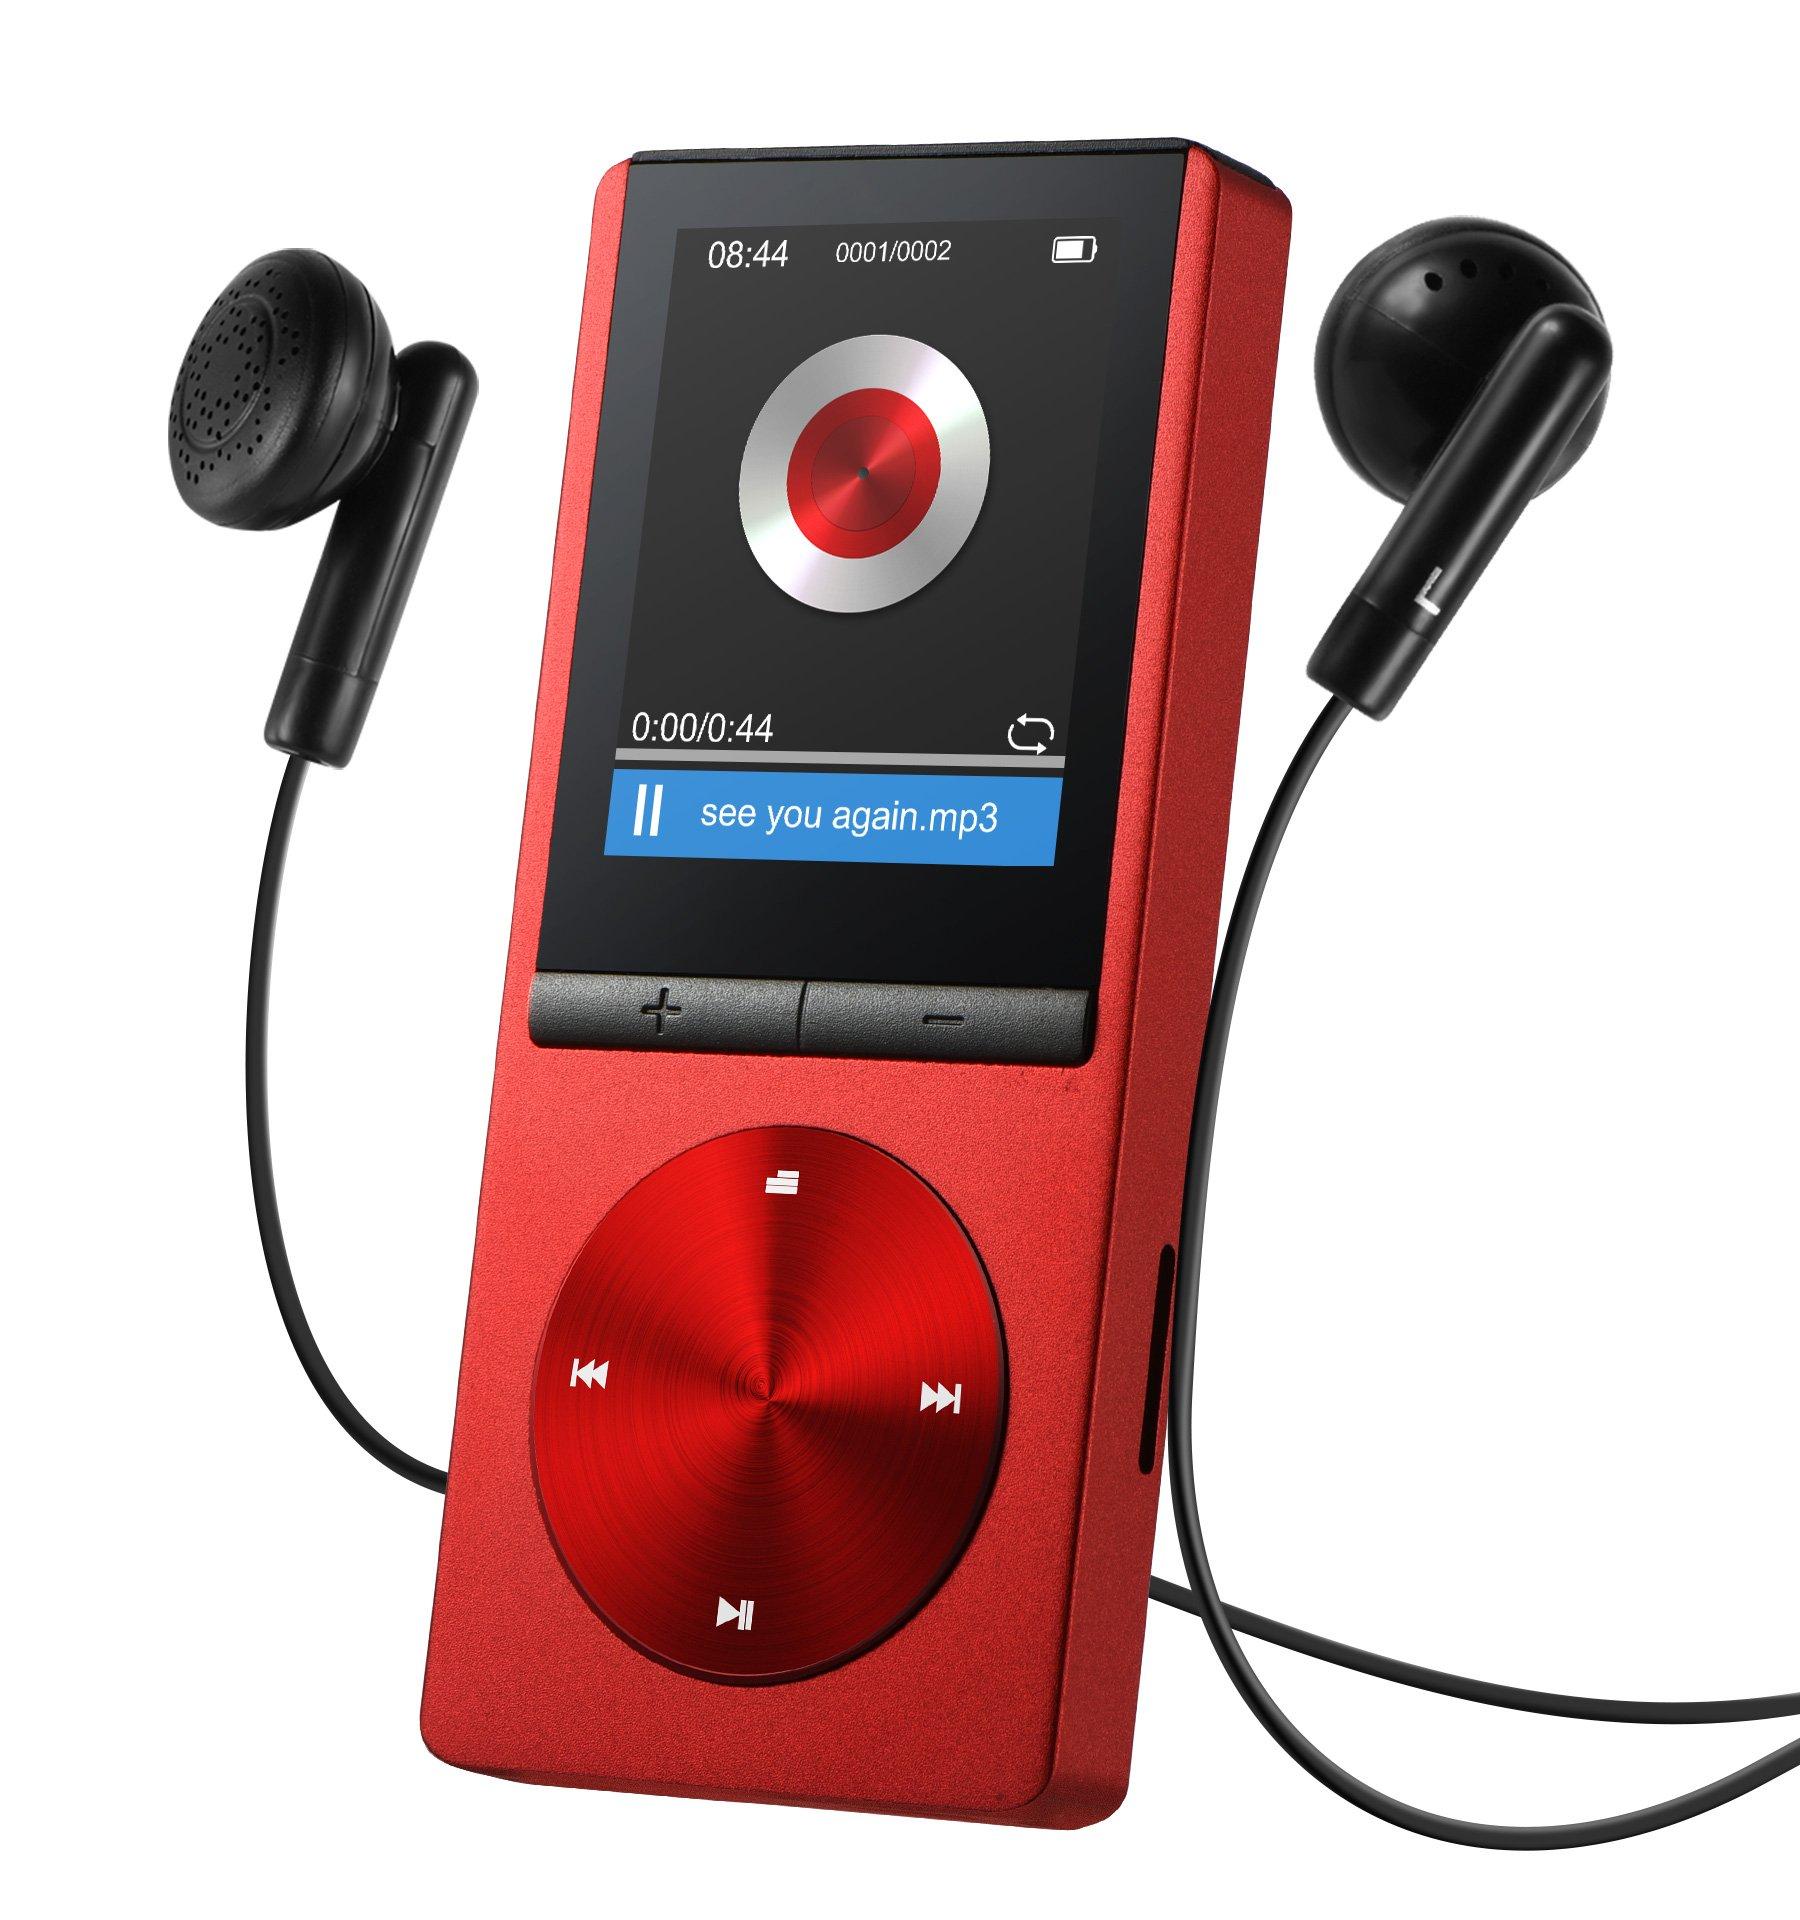 OMORC 130AR - Lettore MP3 Portatile con Fascia Sportiva MP3 Lettore per Correre Sport, 8GB Schermo 1